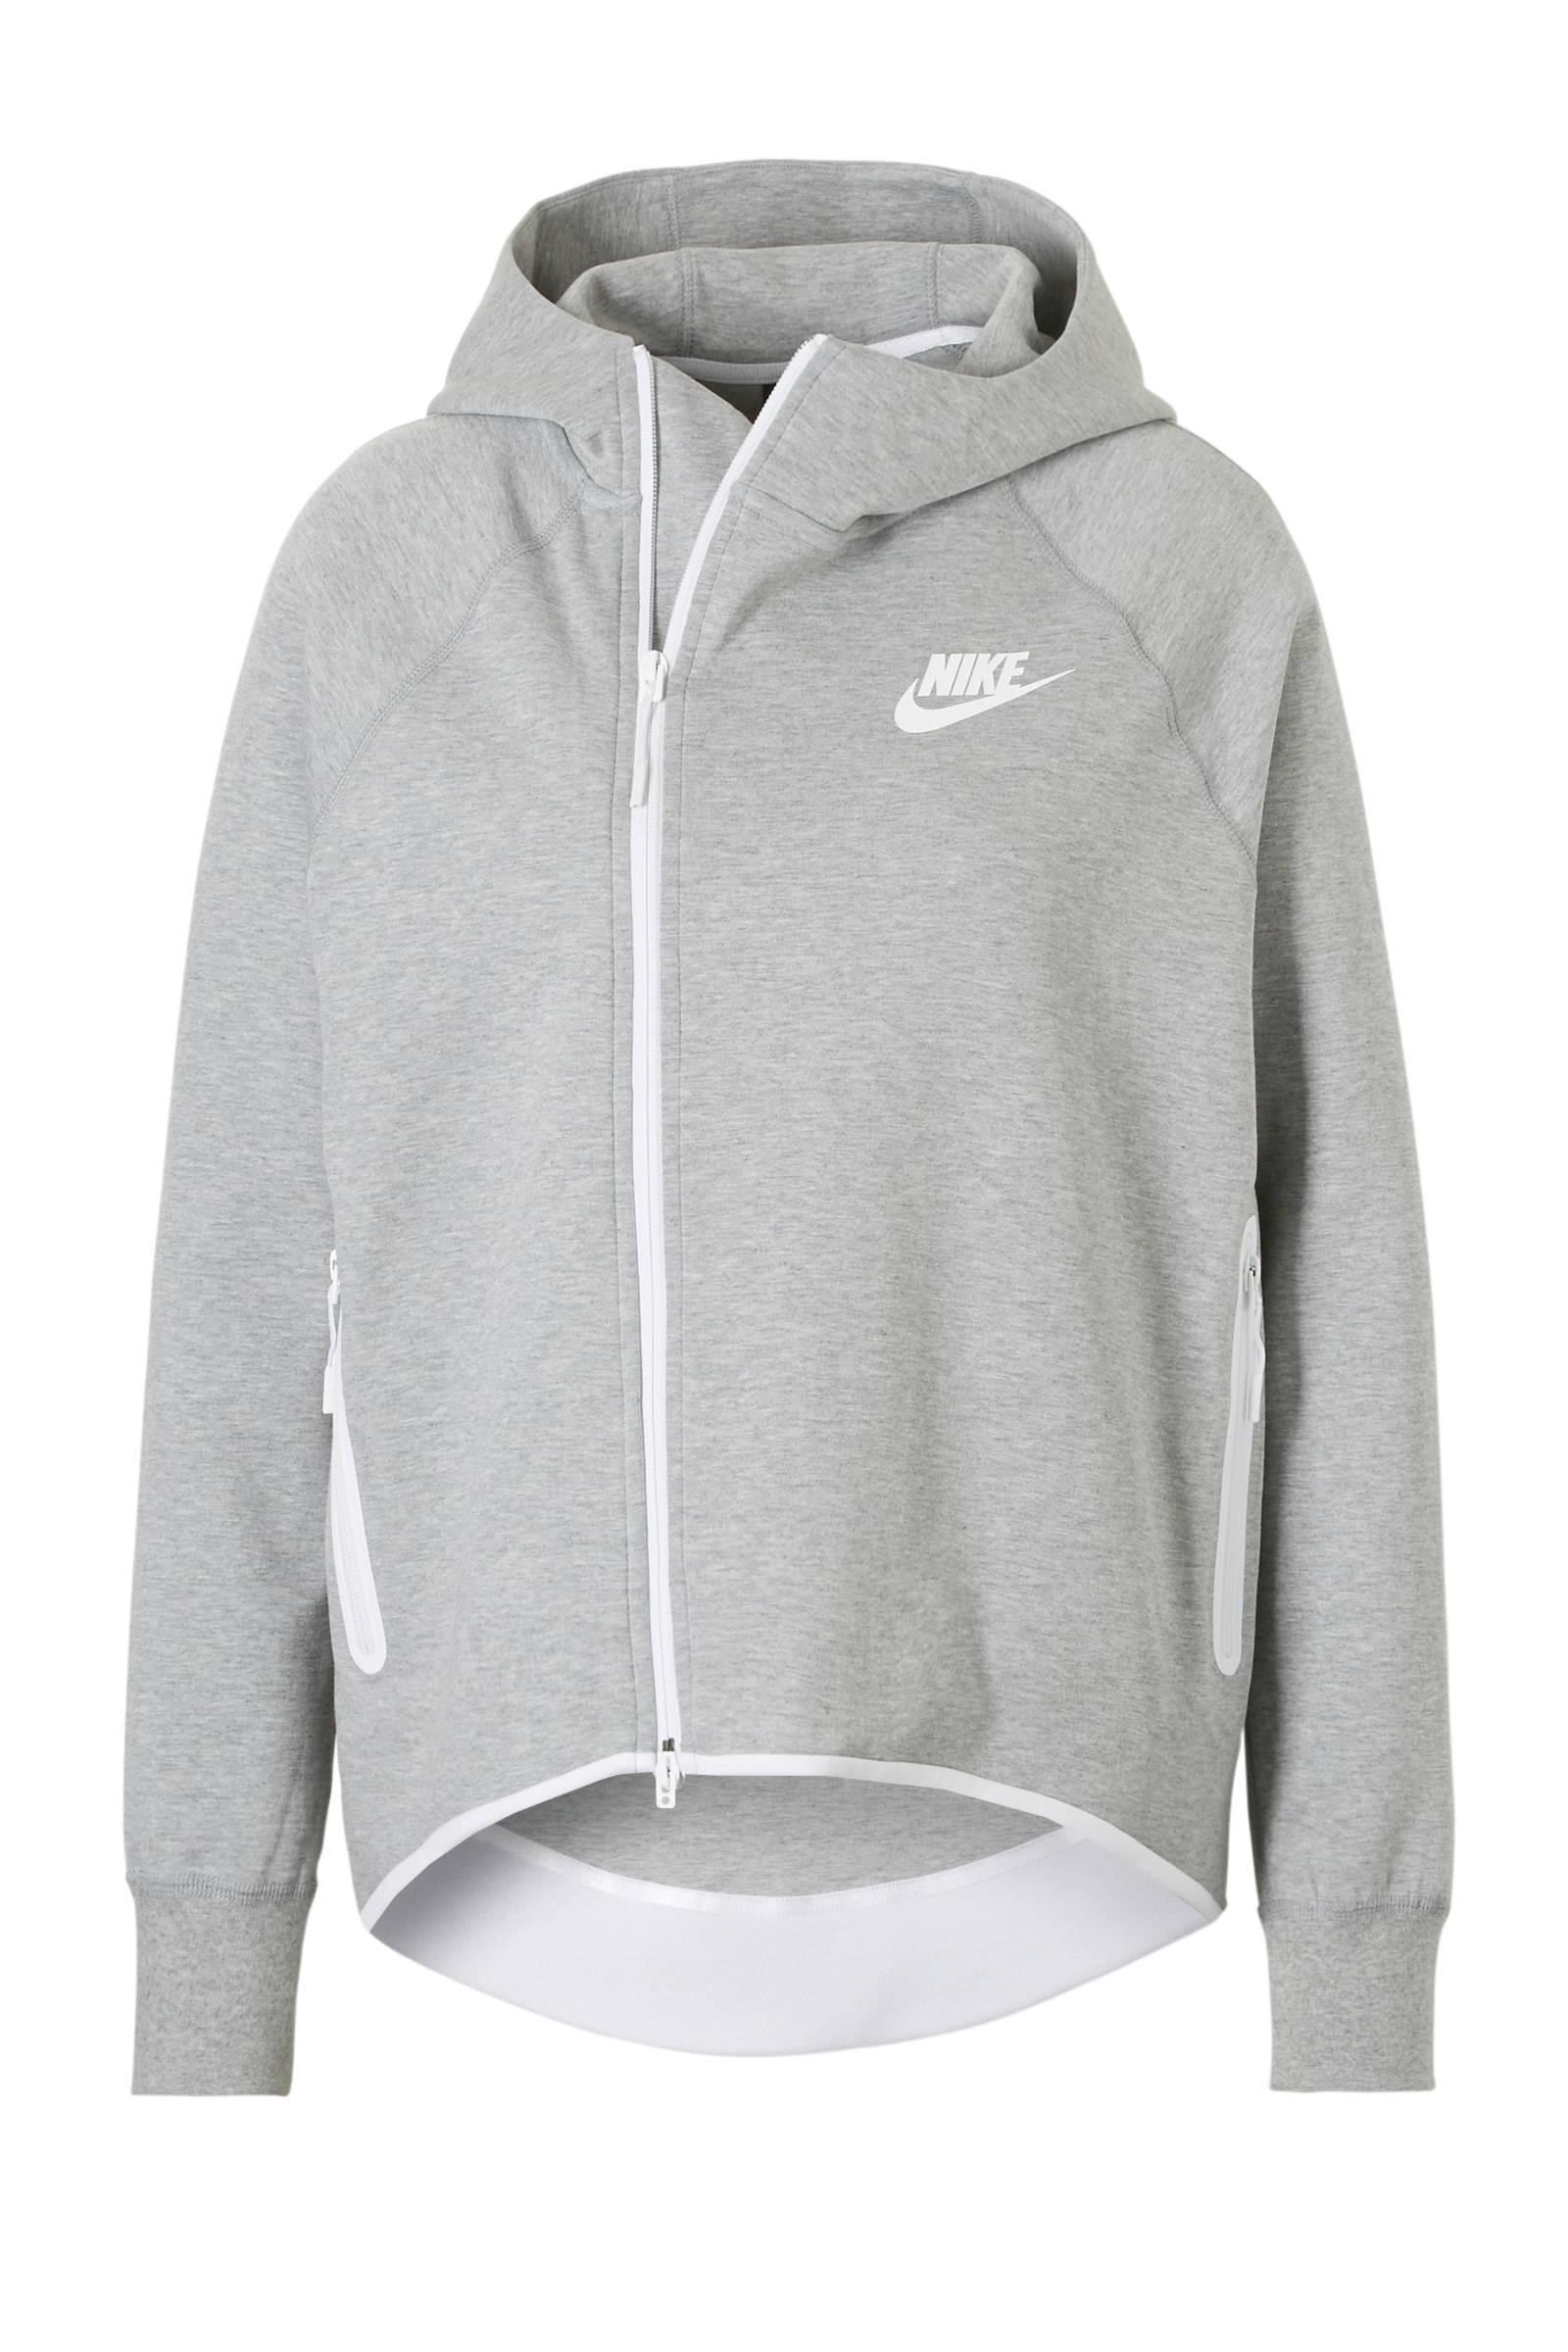 8748af0f78b Nike TechFleece sweatvest met ritszakken - Jassenshoponline.nl